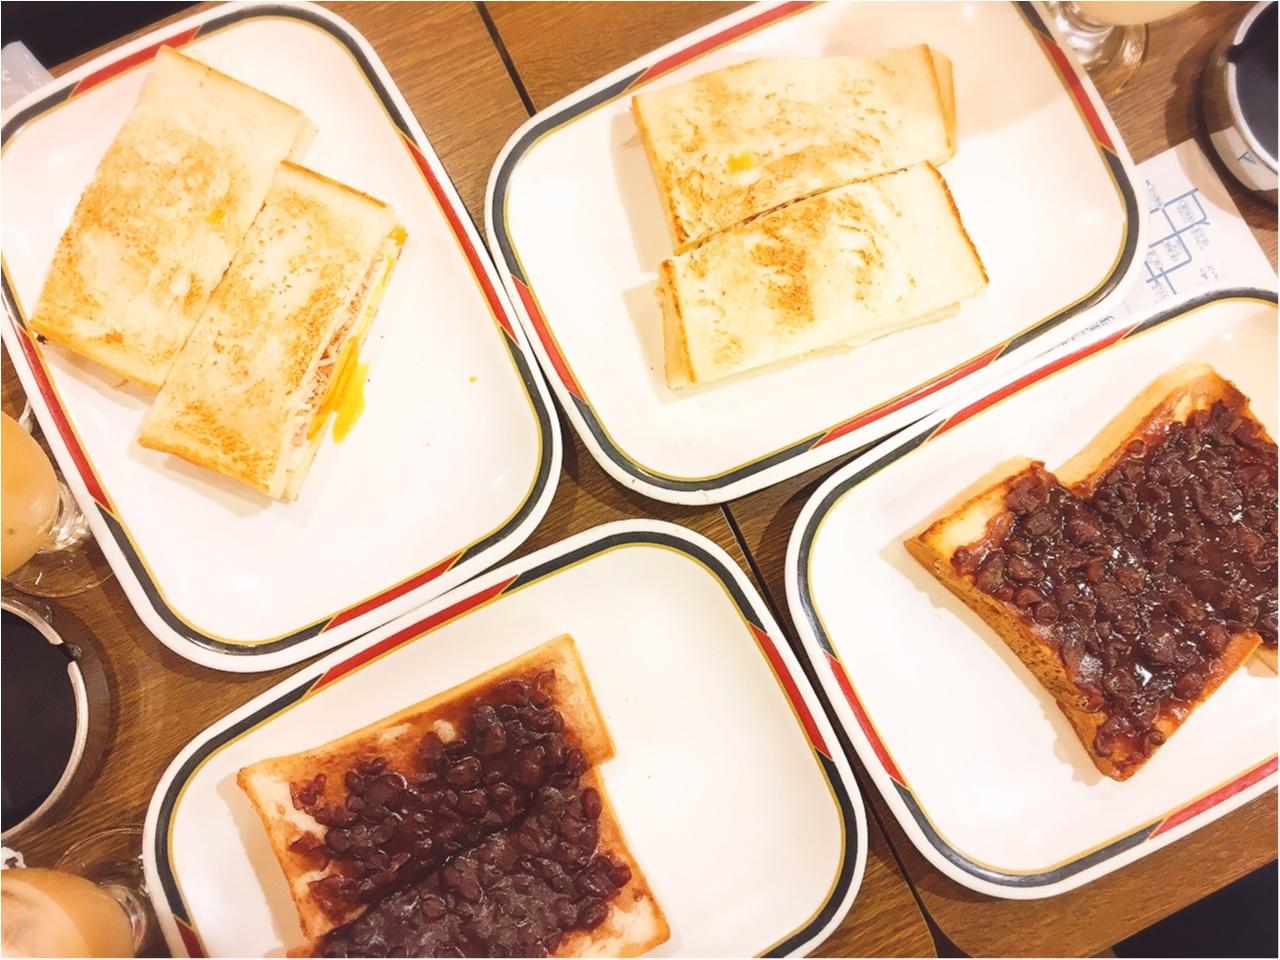 名古屋に行ったら人気の喫茶店『コンパル』でモーニングはいかが?_1